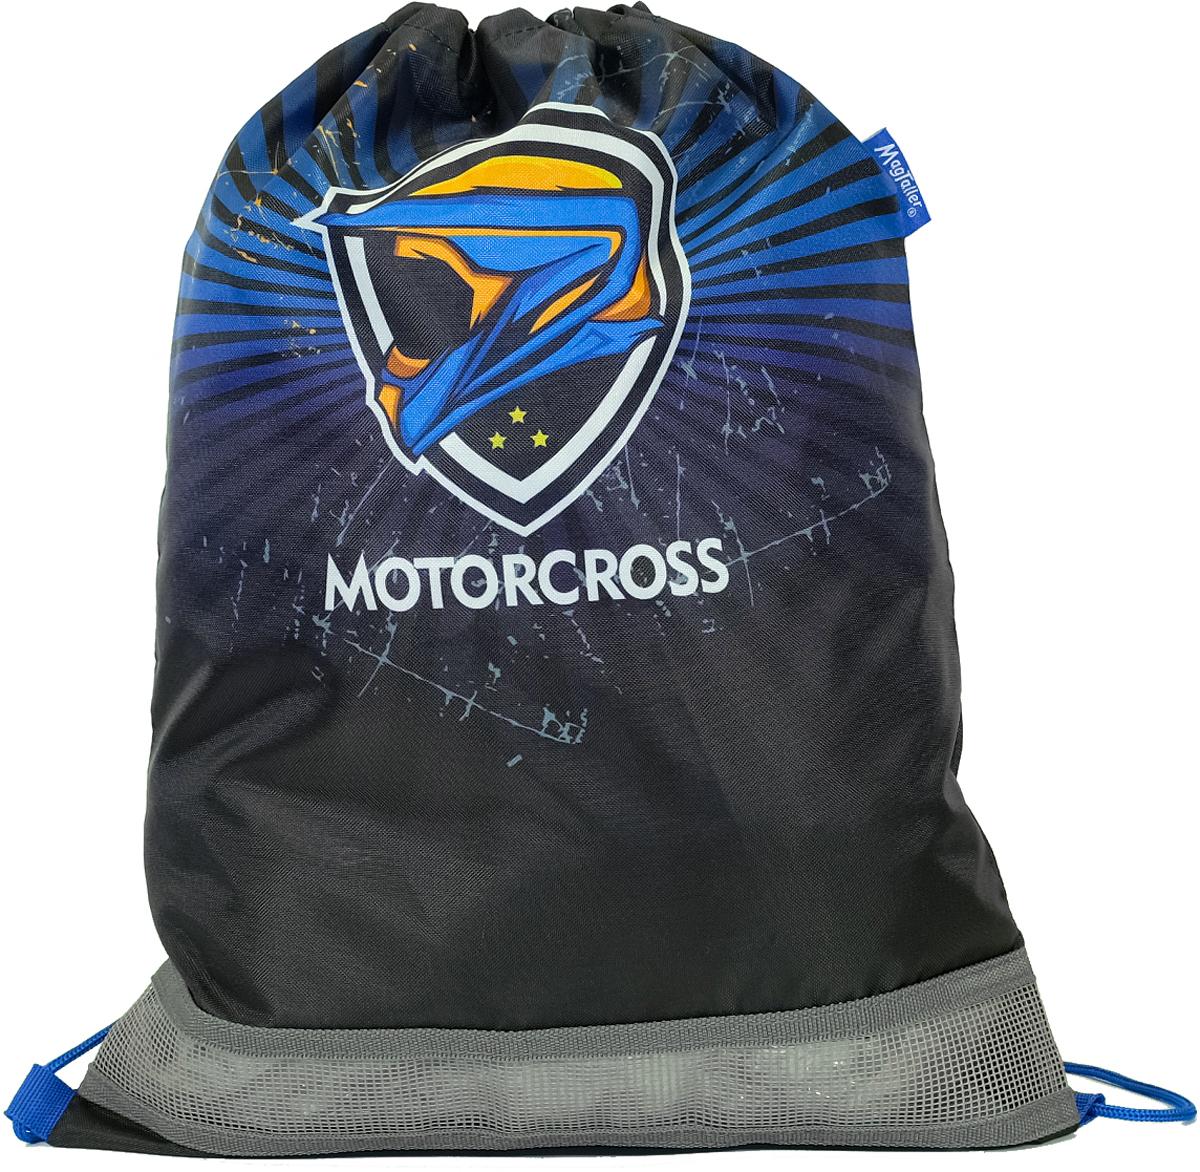 Magtaller Мешок для обуви Boxi Motorcross цена в Москве и Питере